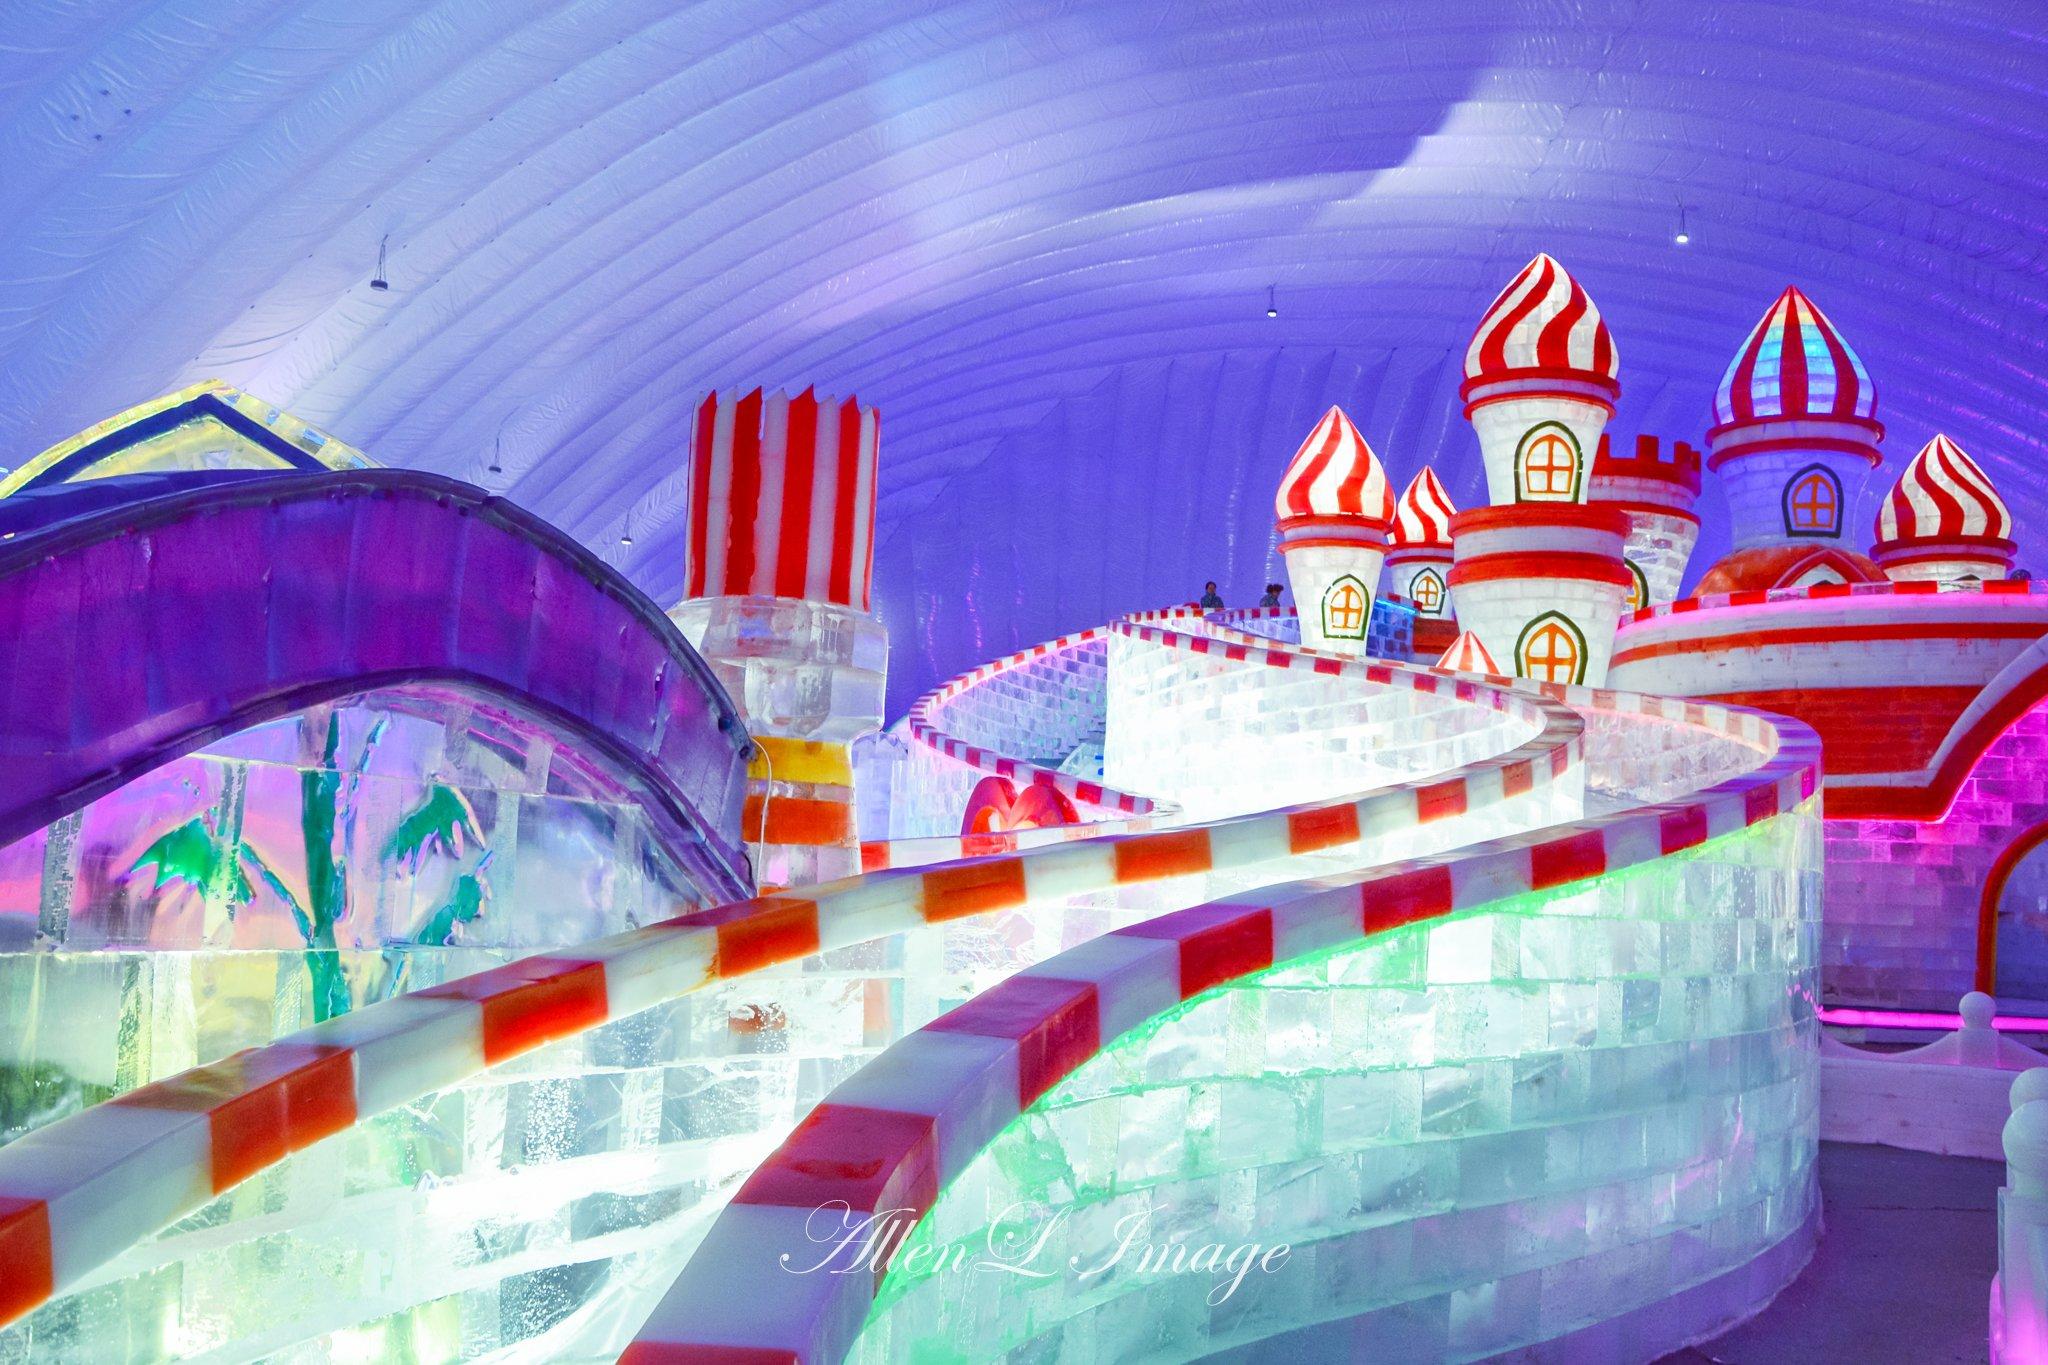 2019哈爾濱冰雪大世界室內冰雪主題樂園游玩攻略,據,.